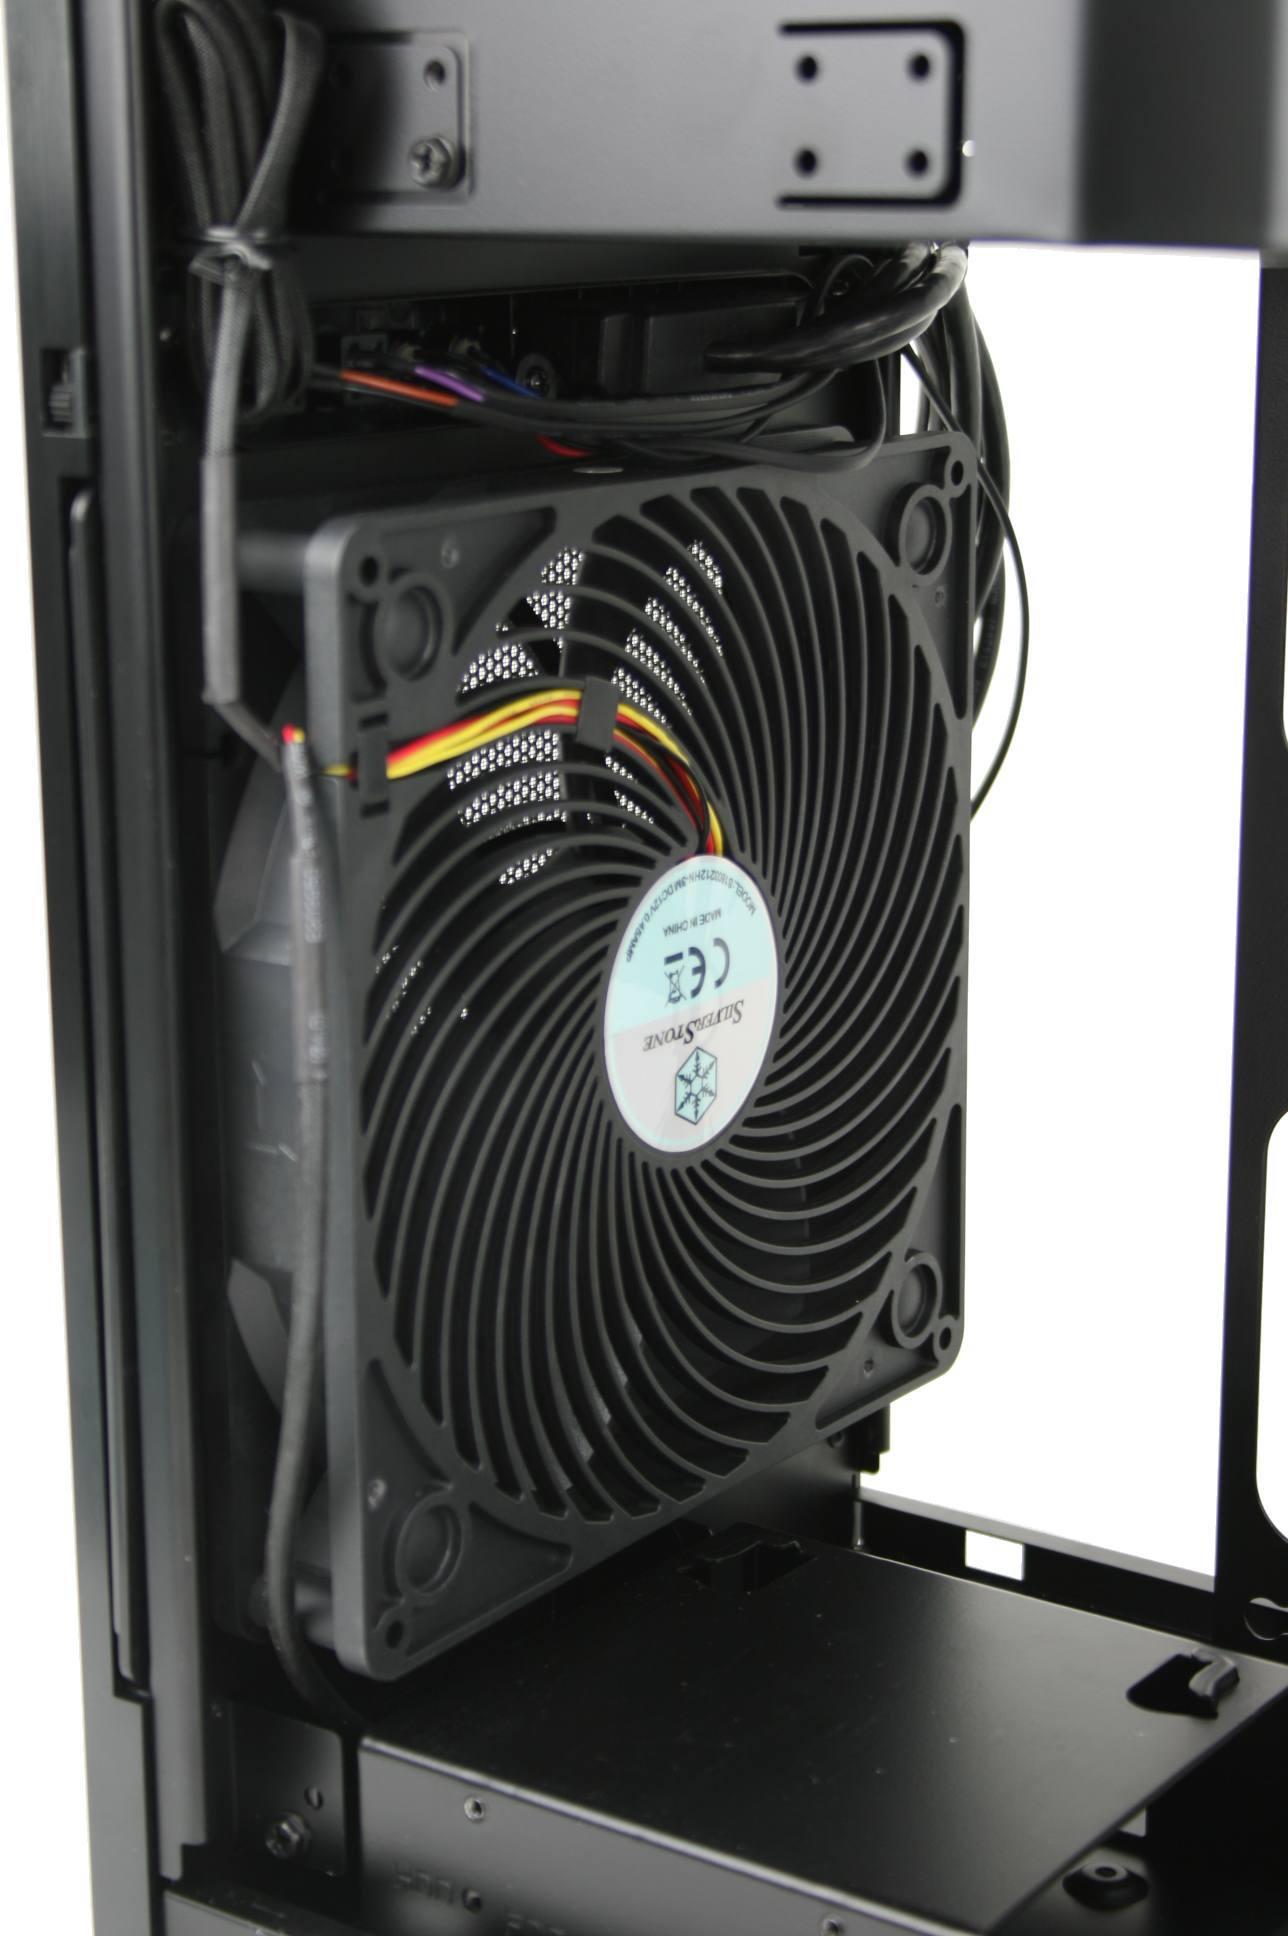 Silverstone TJ08-E AP181 front fan